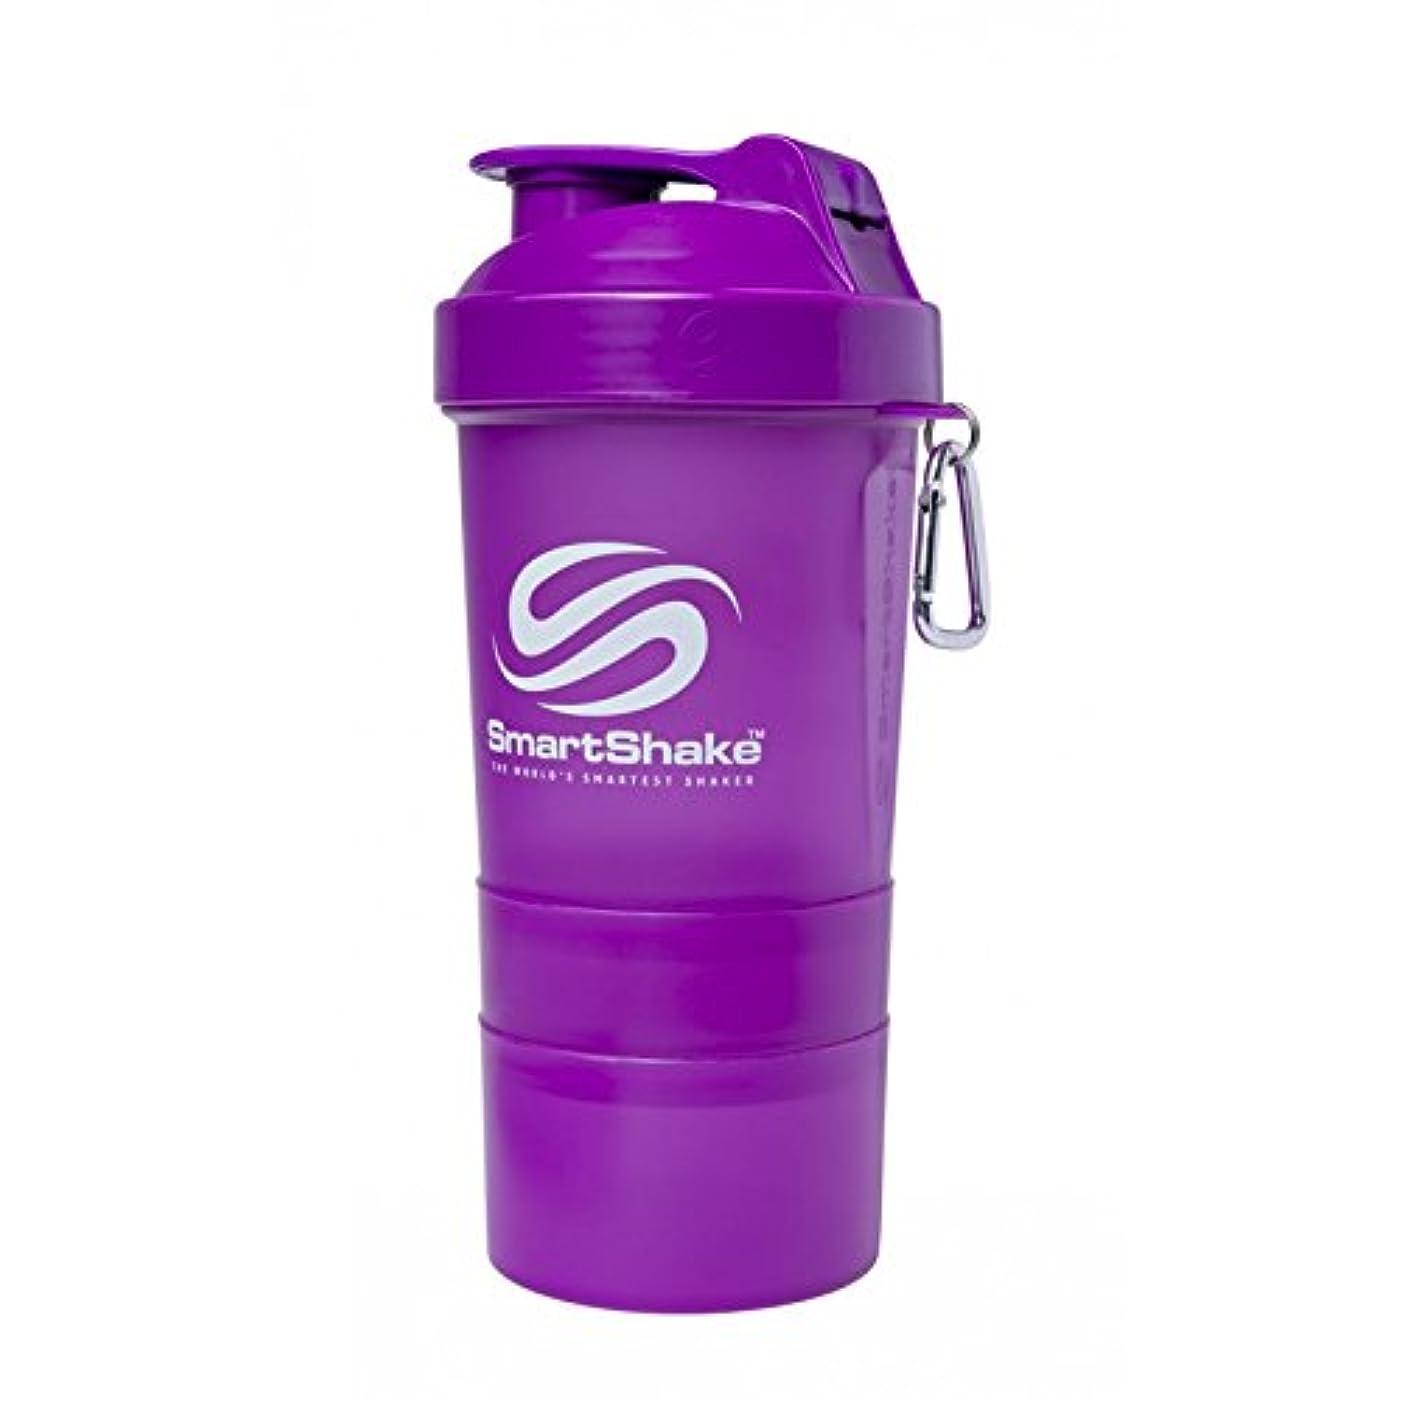 小石夕食を食べる頂点SmartShake Original Shaker Cup, Neon Purple, 20 oz by smartshake